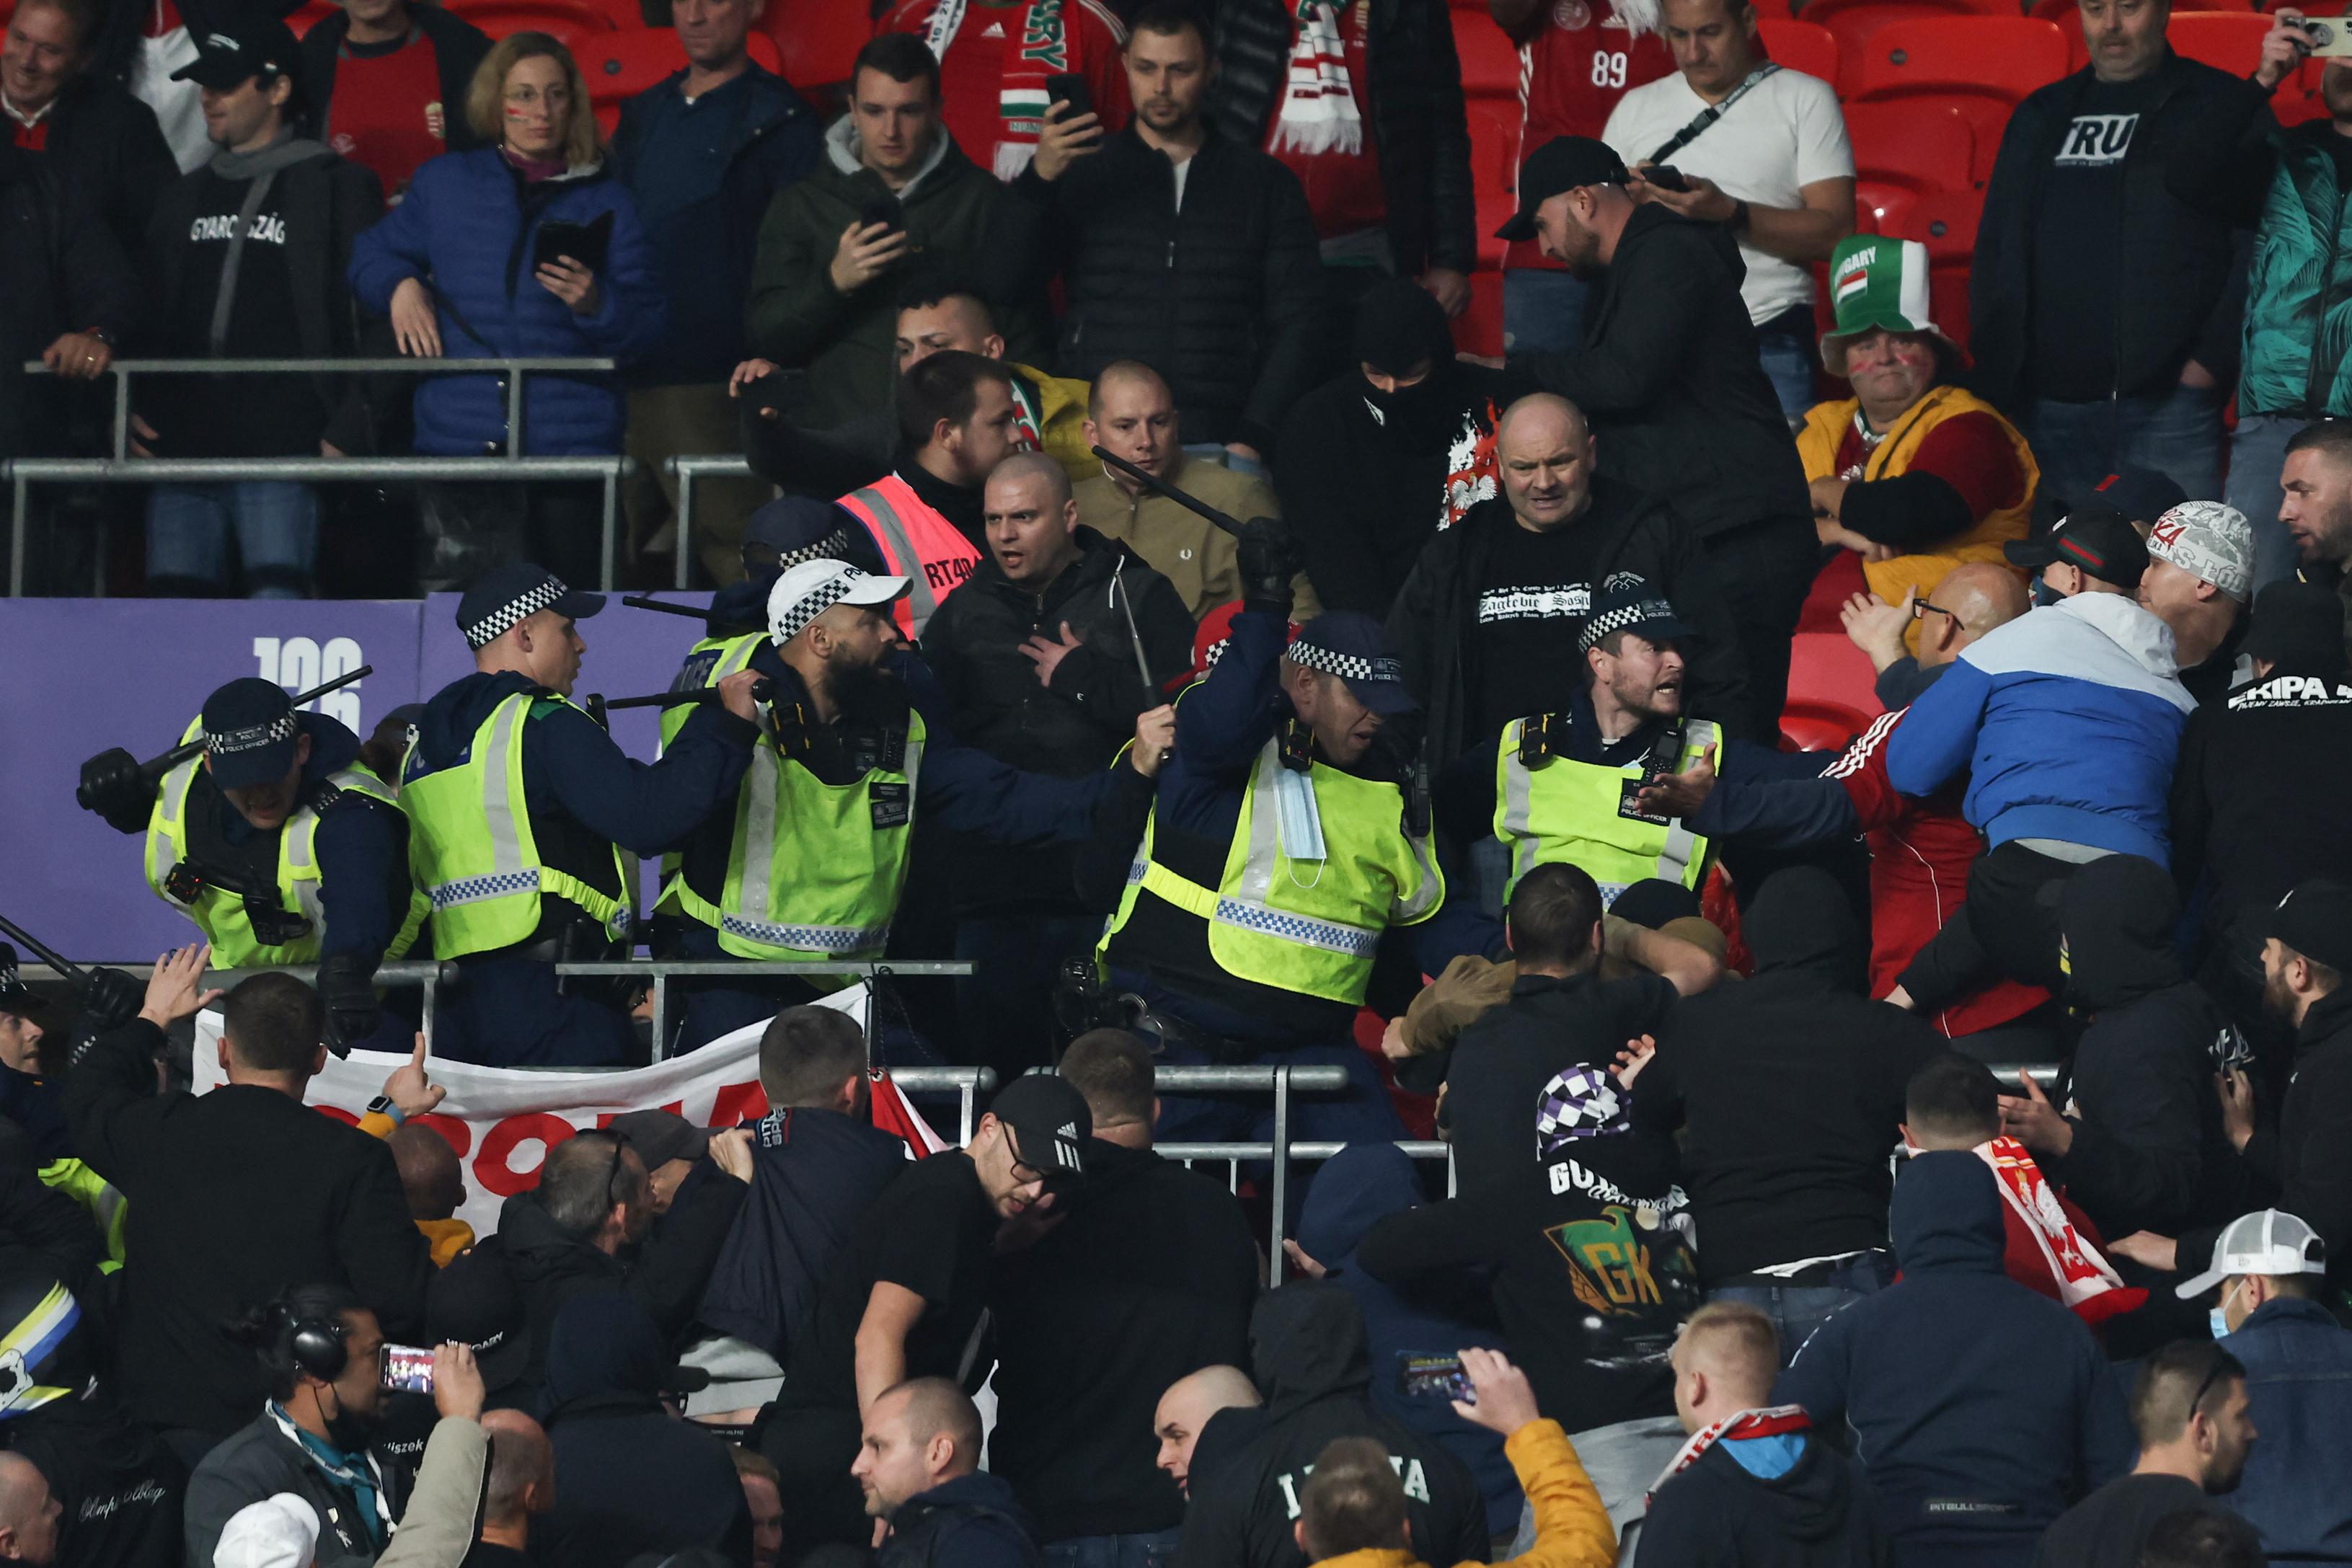 英格兰警察和匈牙利球迷大打出手。